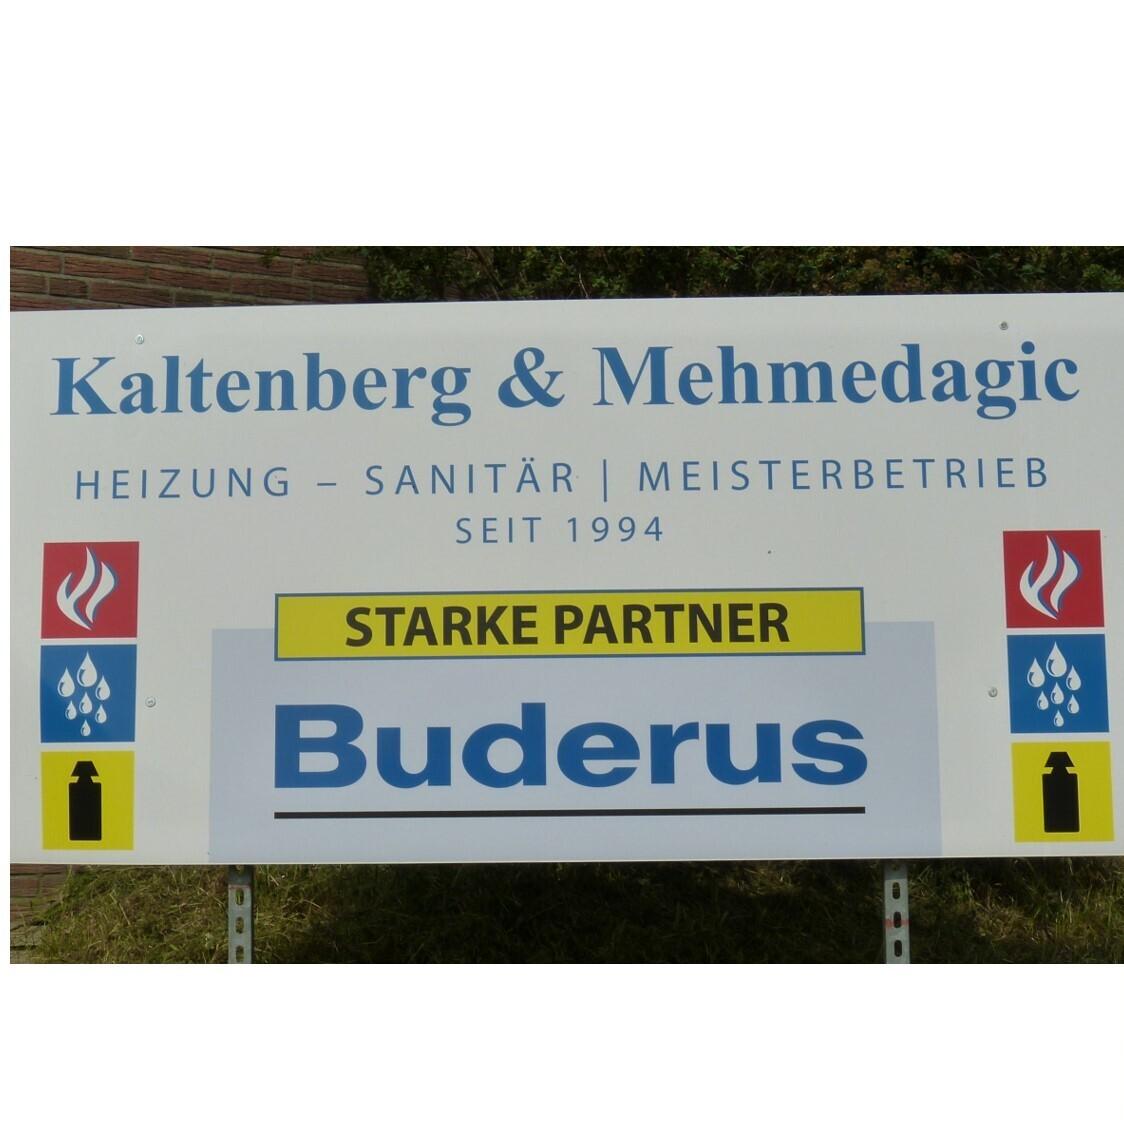 Kaltenbergbuderus